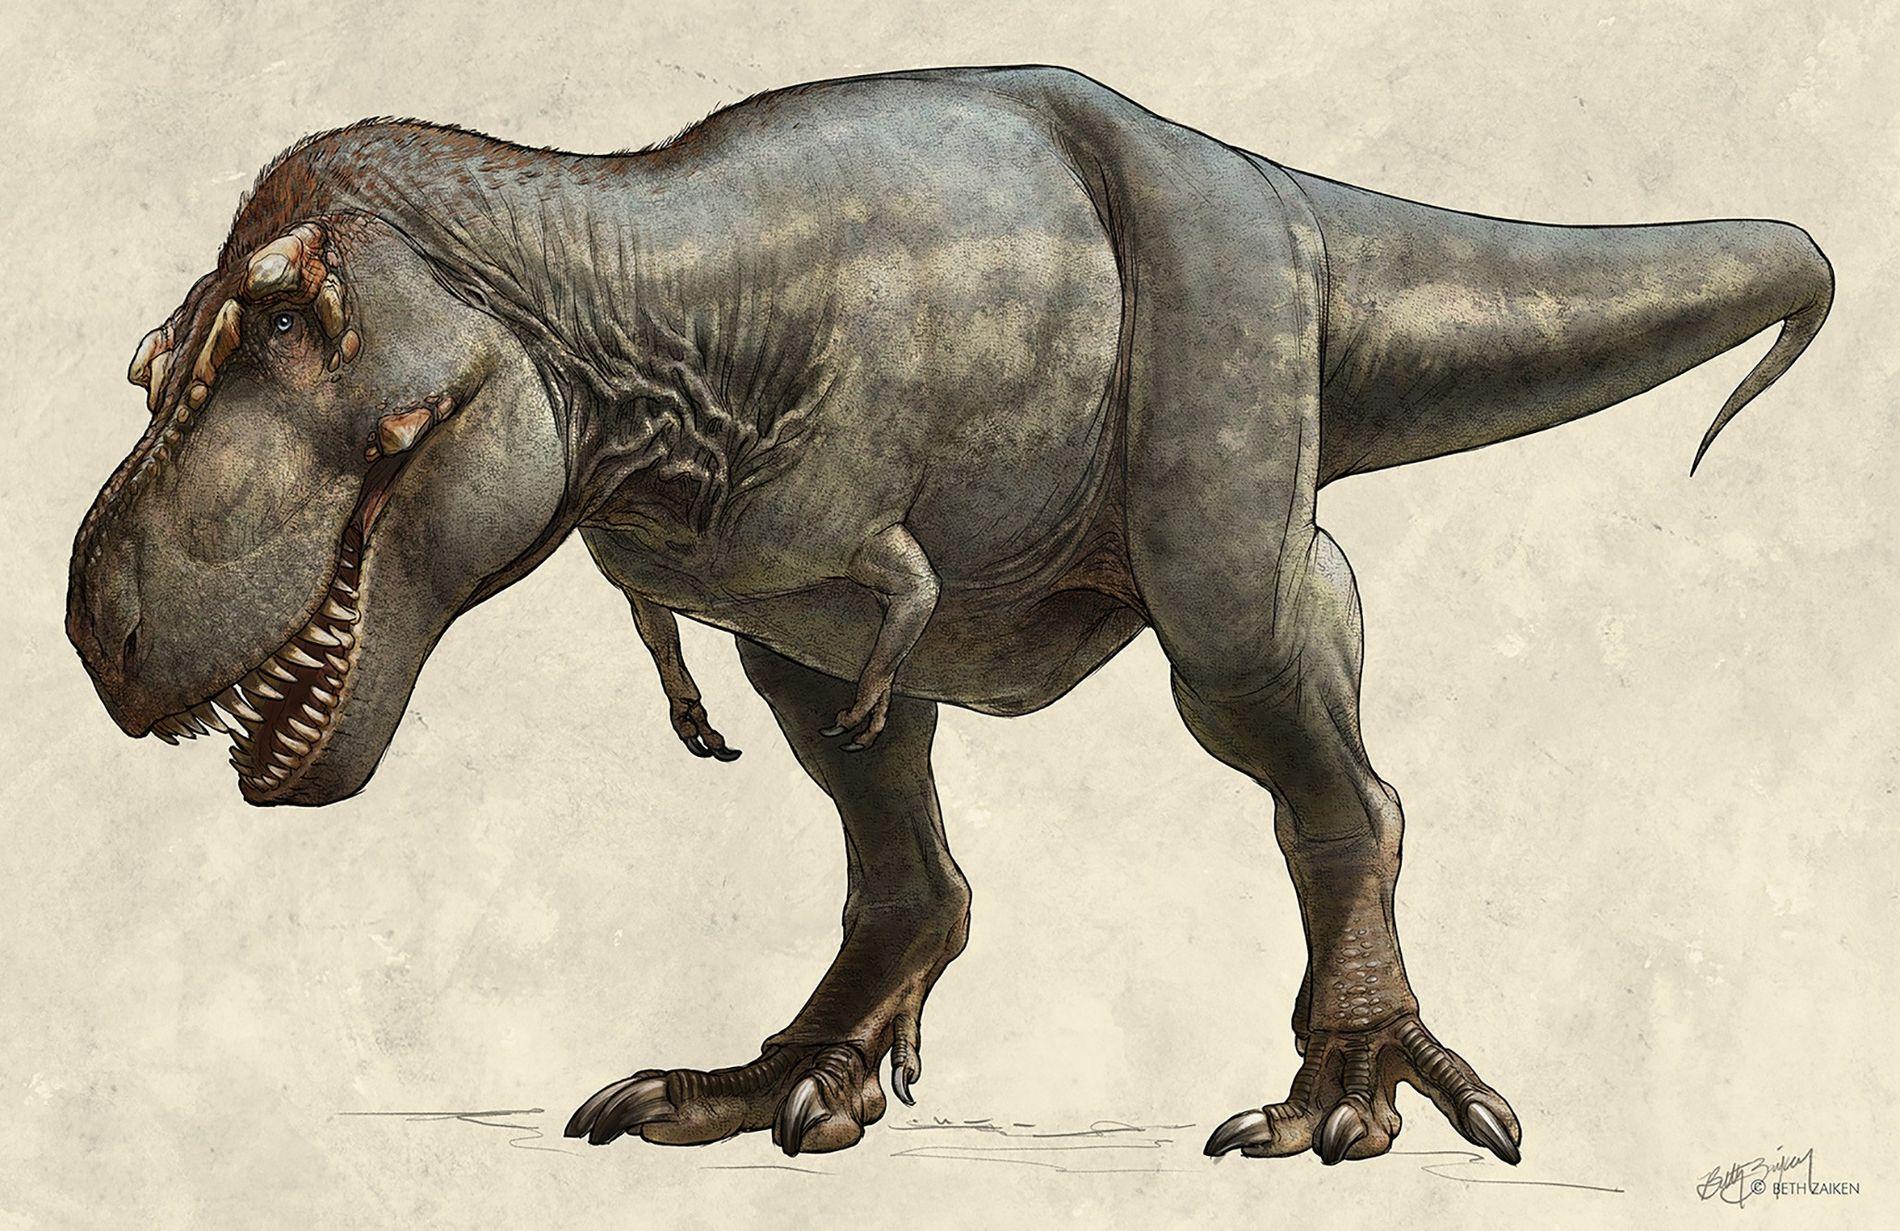 El espécimen de Tyrannosaurus rex descubierto en 1991, llamado Scotty, tenía un peso estimado de 8.845 ...